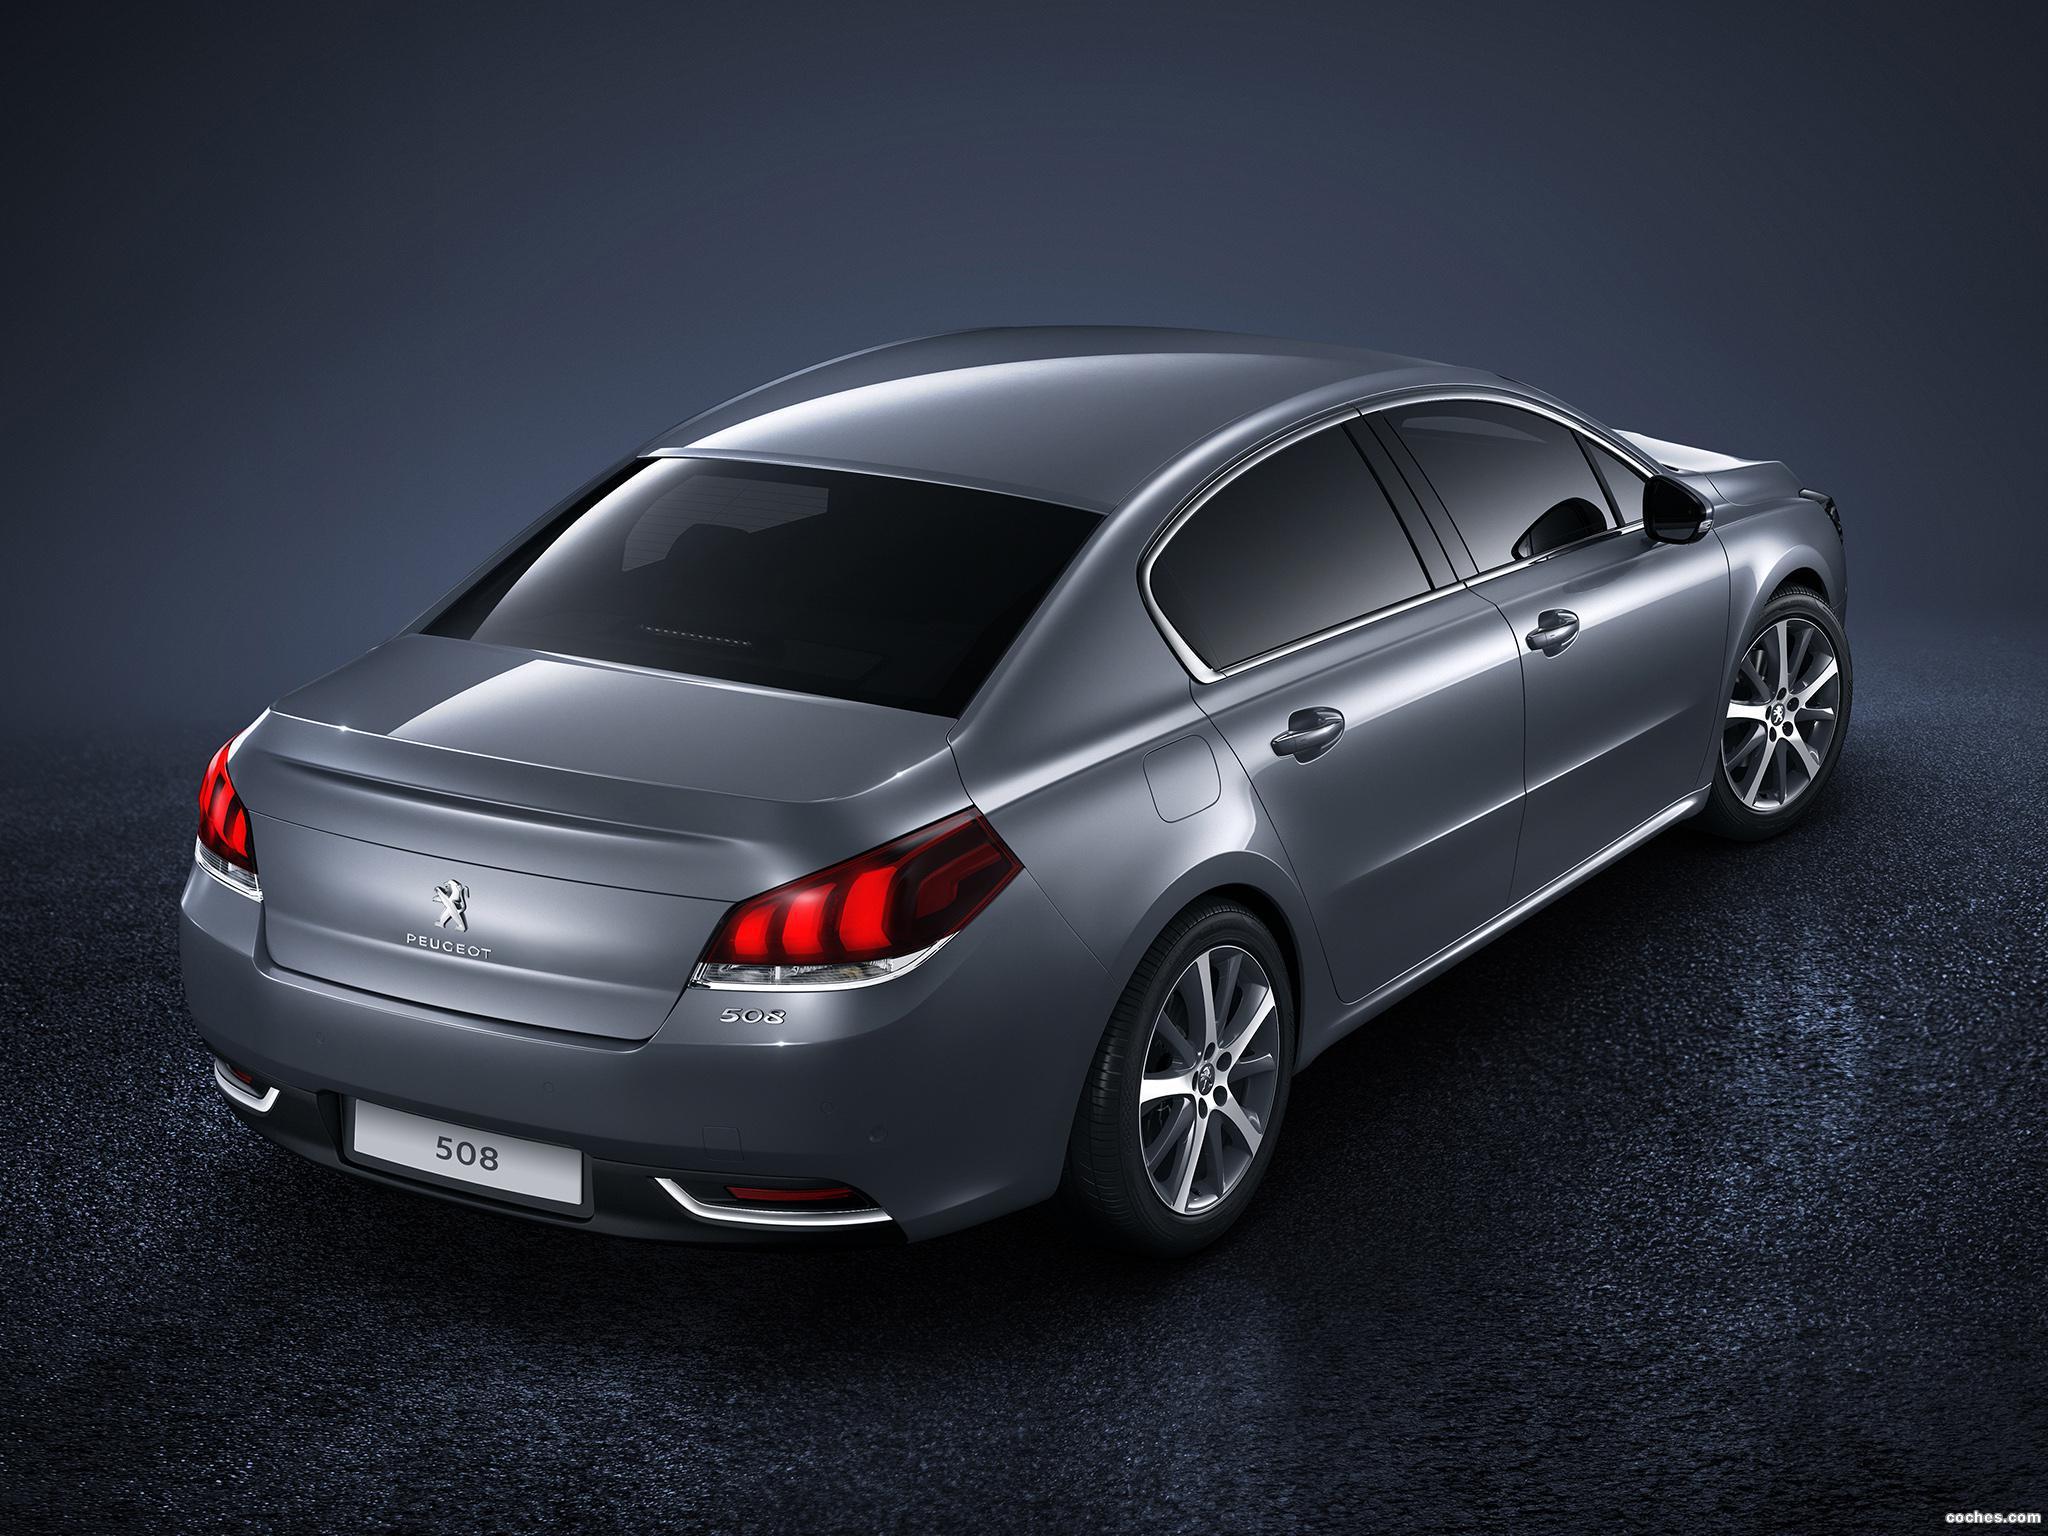 Foto 0 de Peugeot 508 2014